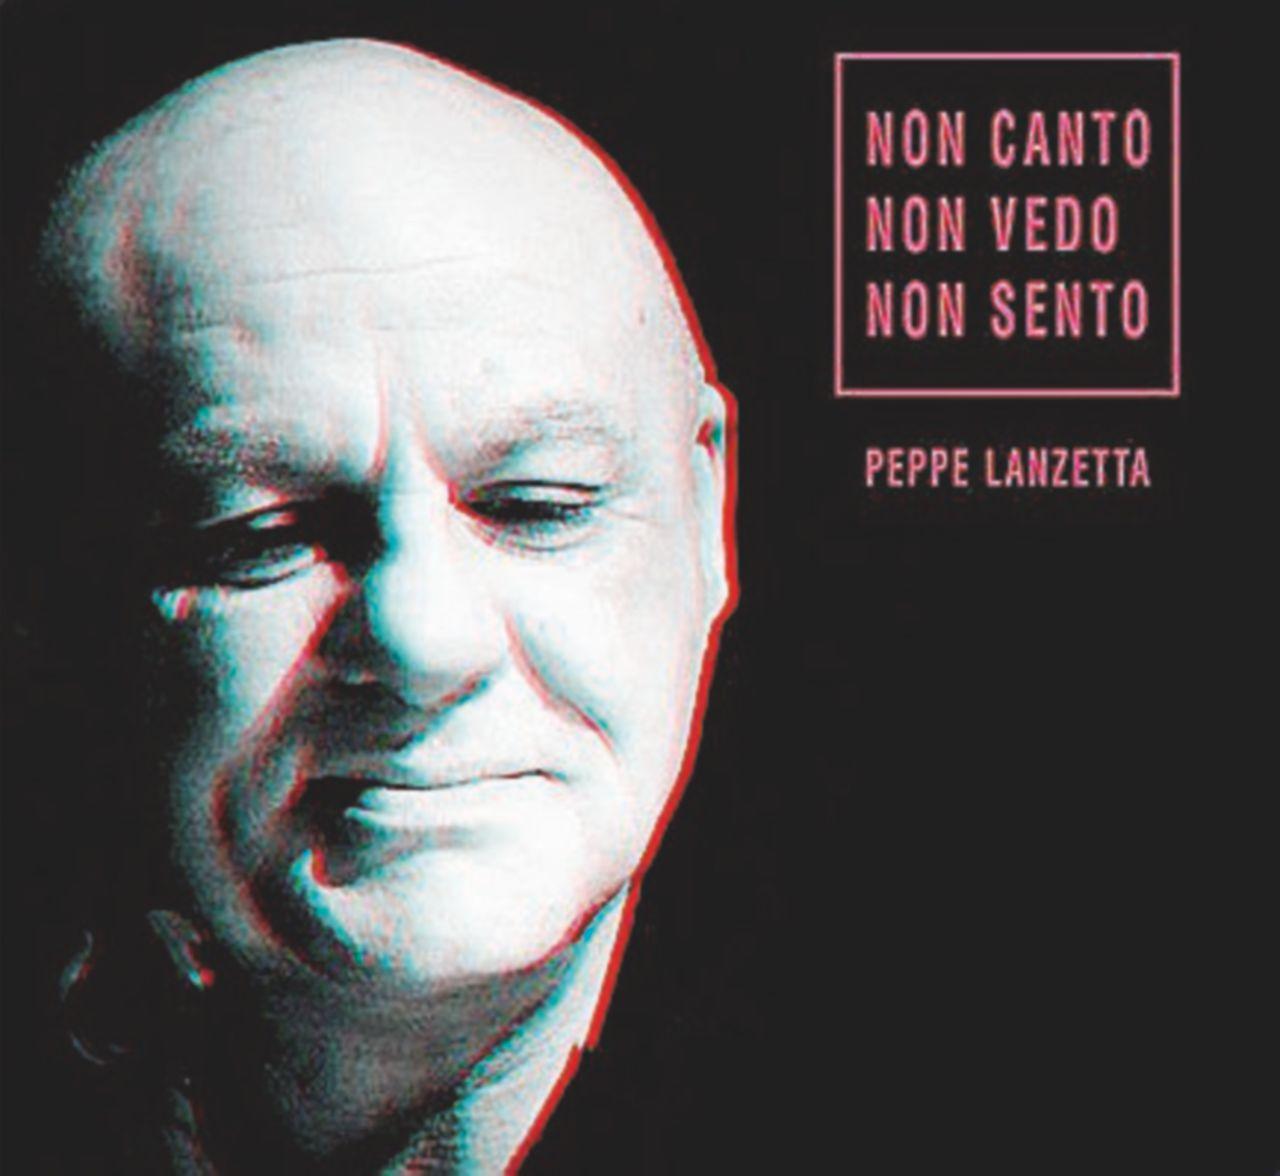 La voce graffiata ammalata di rabbia di Peppe Lanzetta